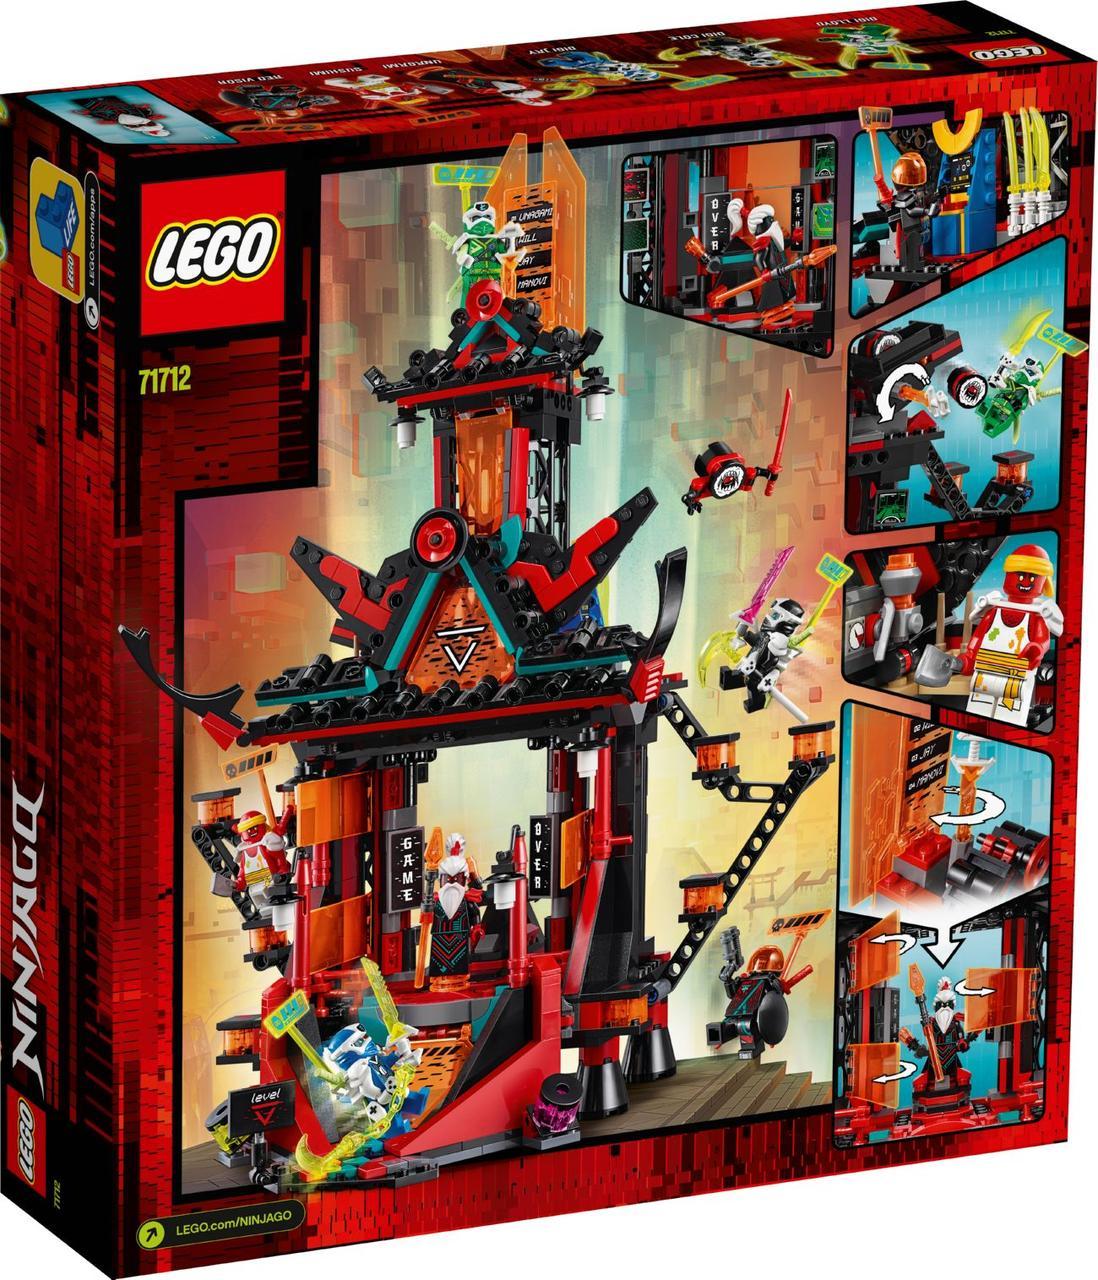 Lego Ninjago Імператорський храм Безумства 71712